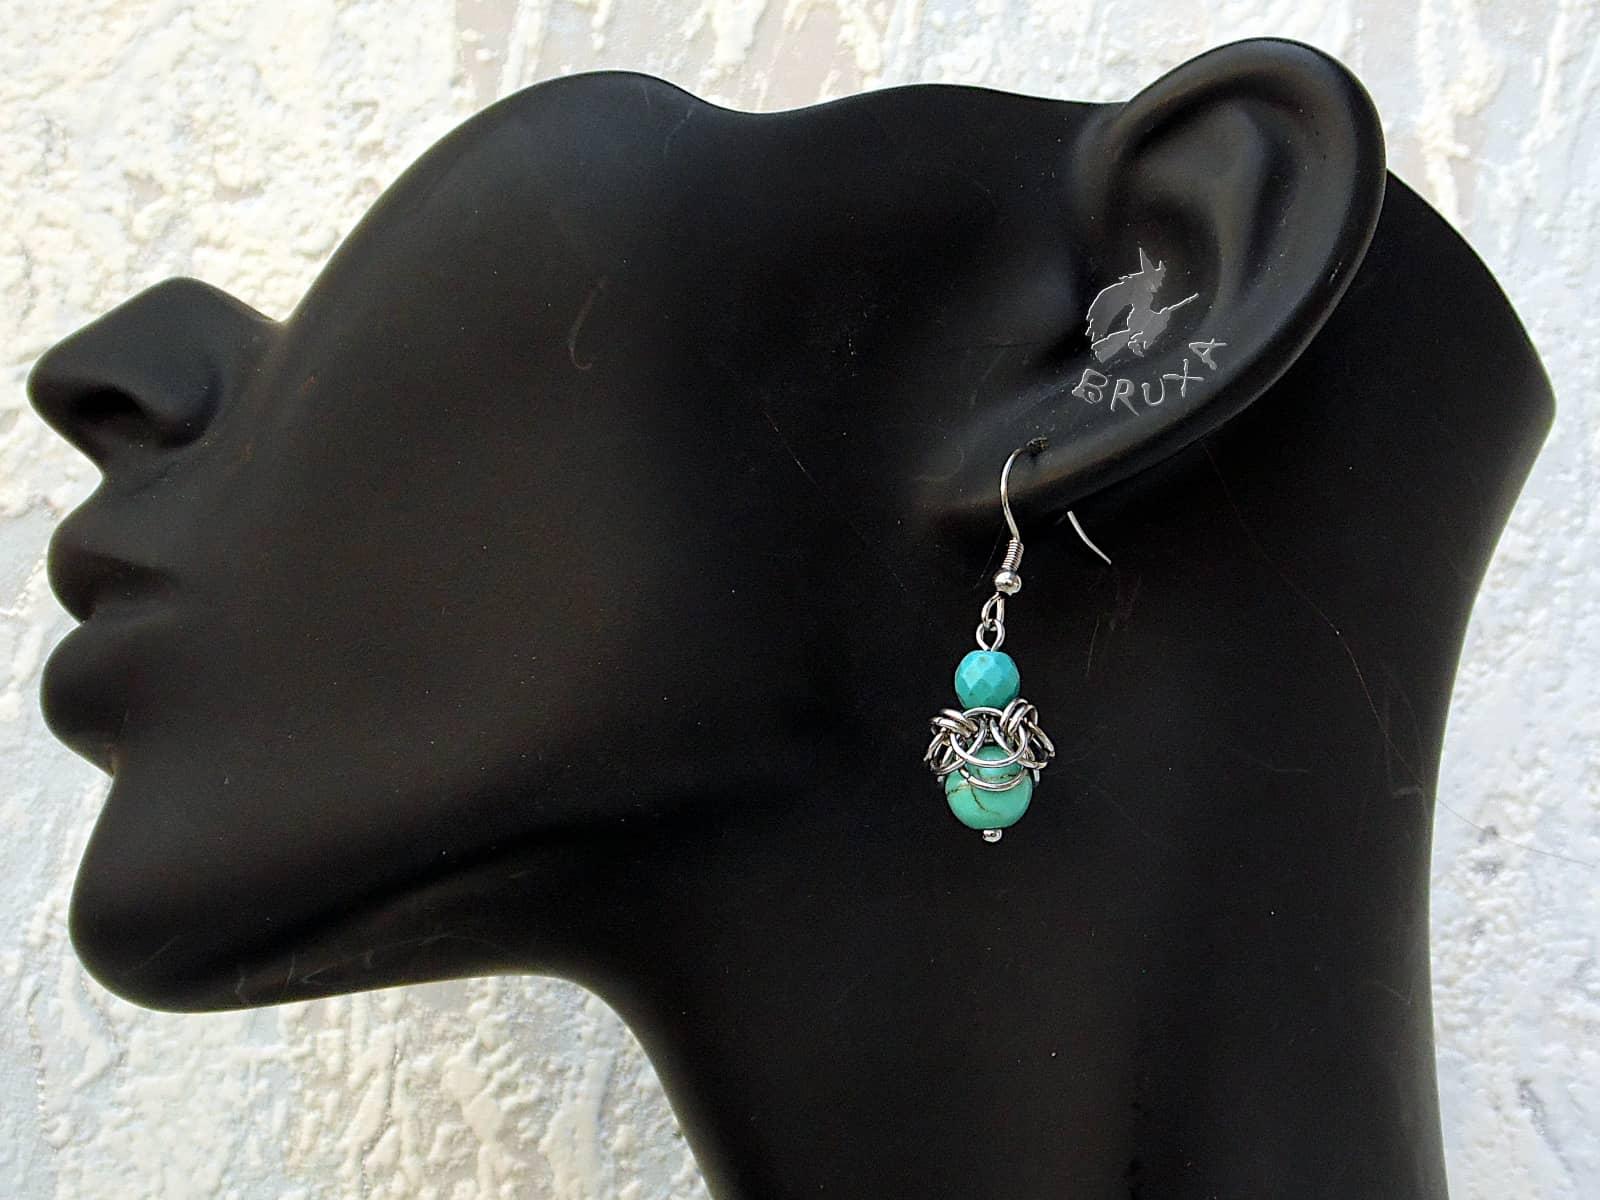 Kolczyki Gloria stalowe z turkusowym howlitem zaprezentowane na uchu ekspozytora